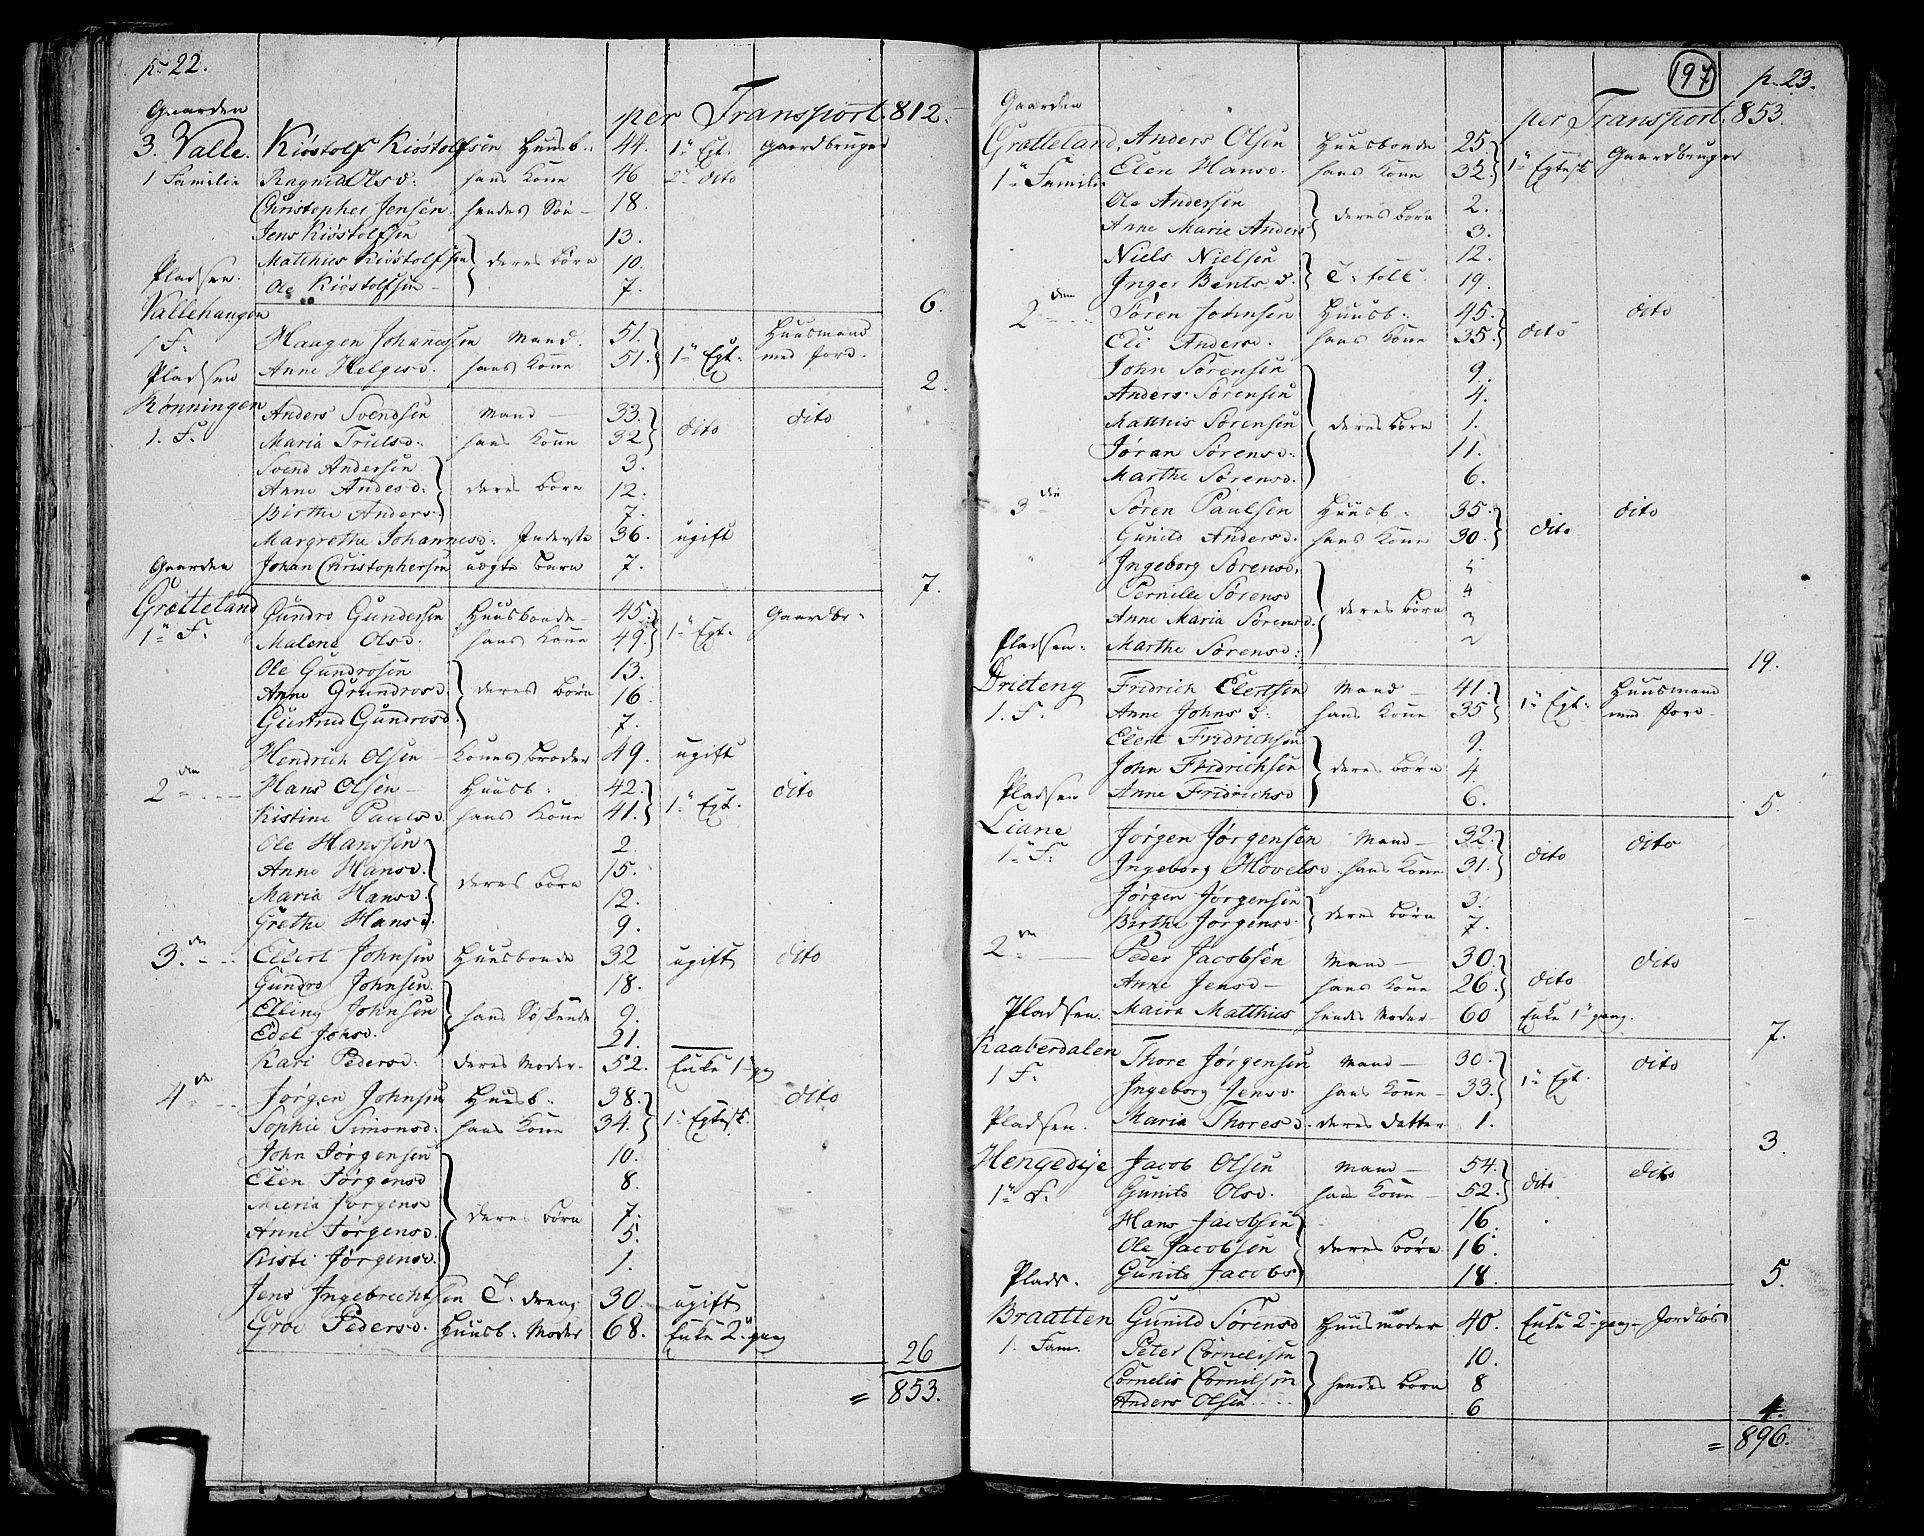 RA, Folketelling 1801 for 0130P Tune prestegjeld, 1801, s. 196b-197a